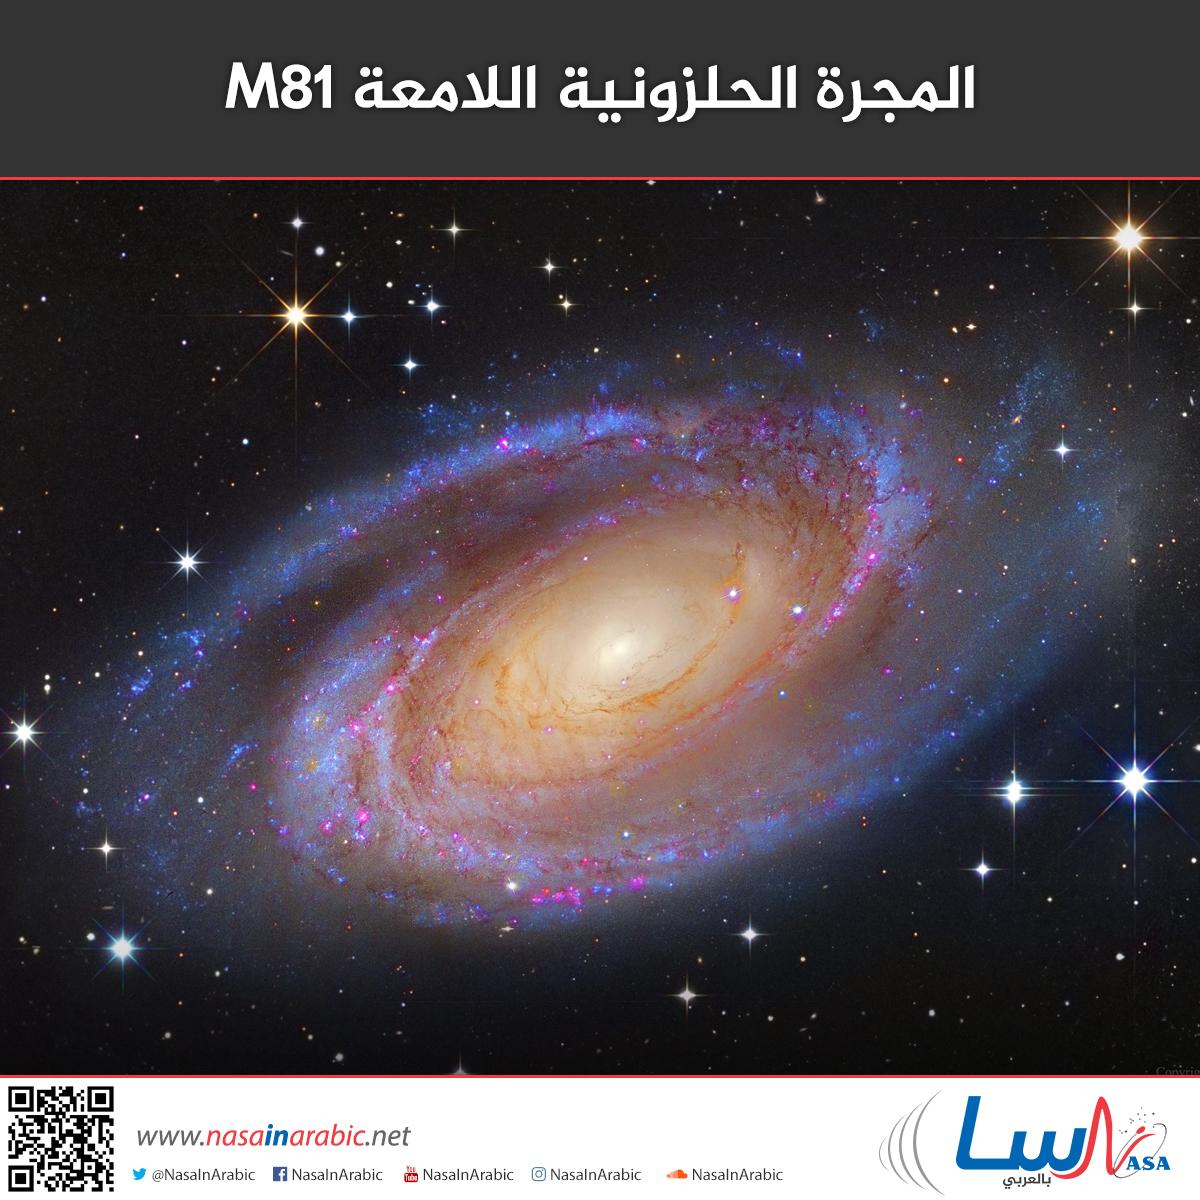 المجرة الحلزونية اللامعة M81